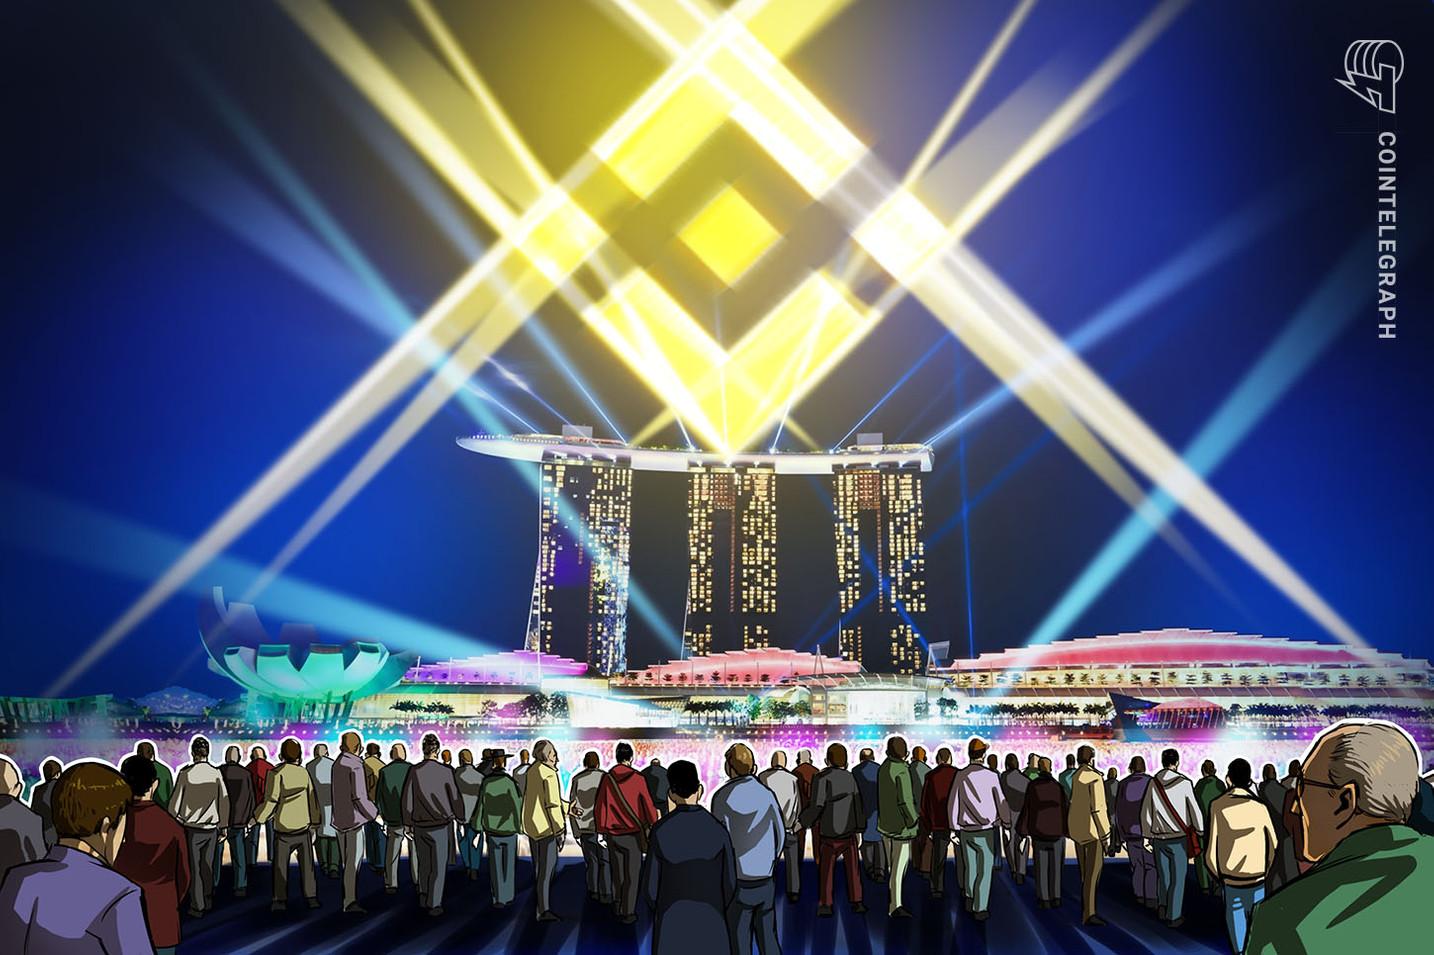 Binance limita las ofertas de productos SGD en Singapur en medio de advertencias regulatorias